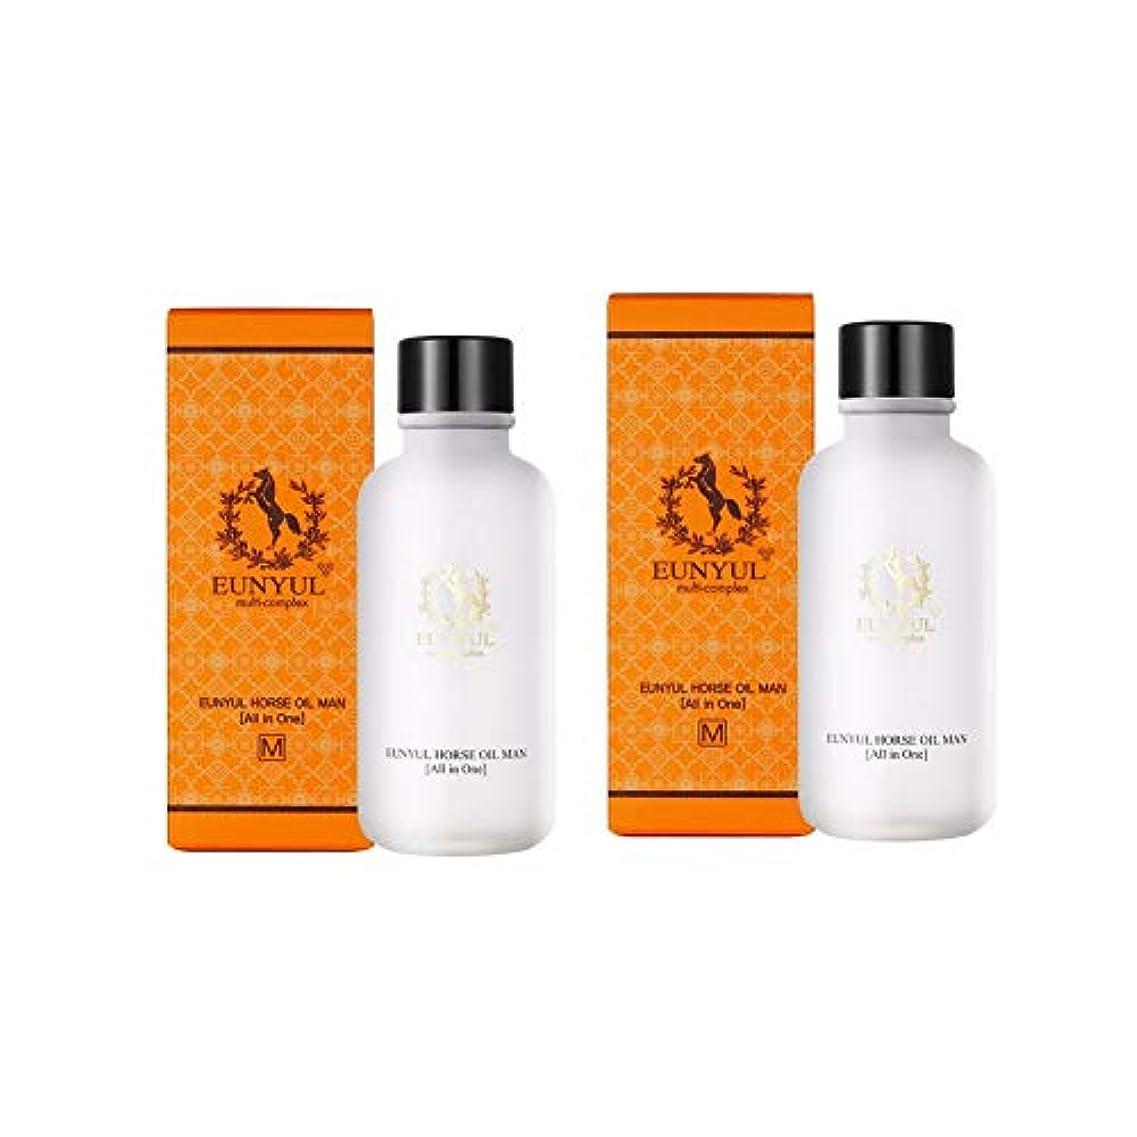 不足論争の的の間でEunyul馬油オールインワン125mlx2本セットメンズコスメ韓国コスメ、Eunyul Horse Oil All in One 125ml x 2ea Set Men's Cosmetics Korean Cosmetics...